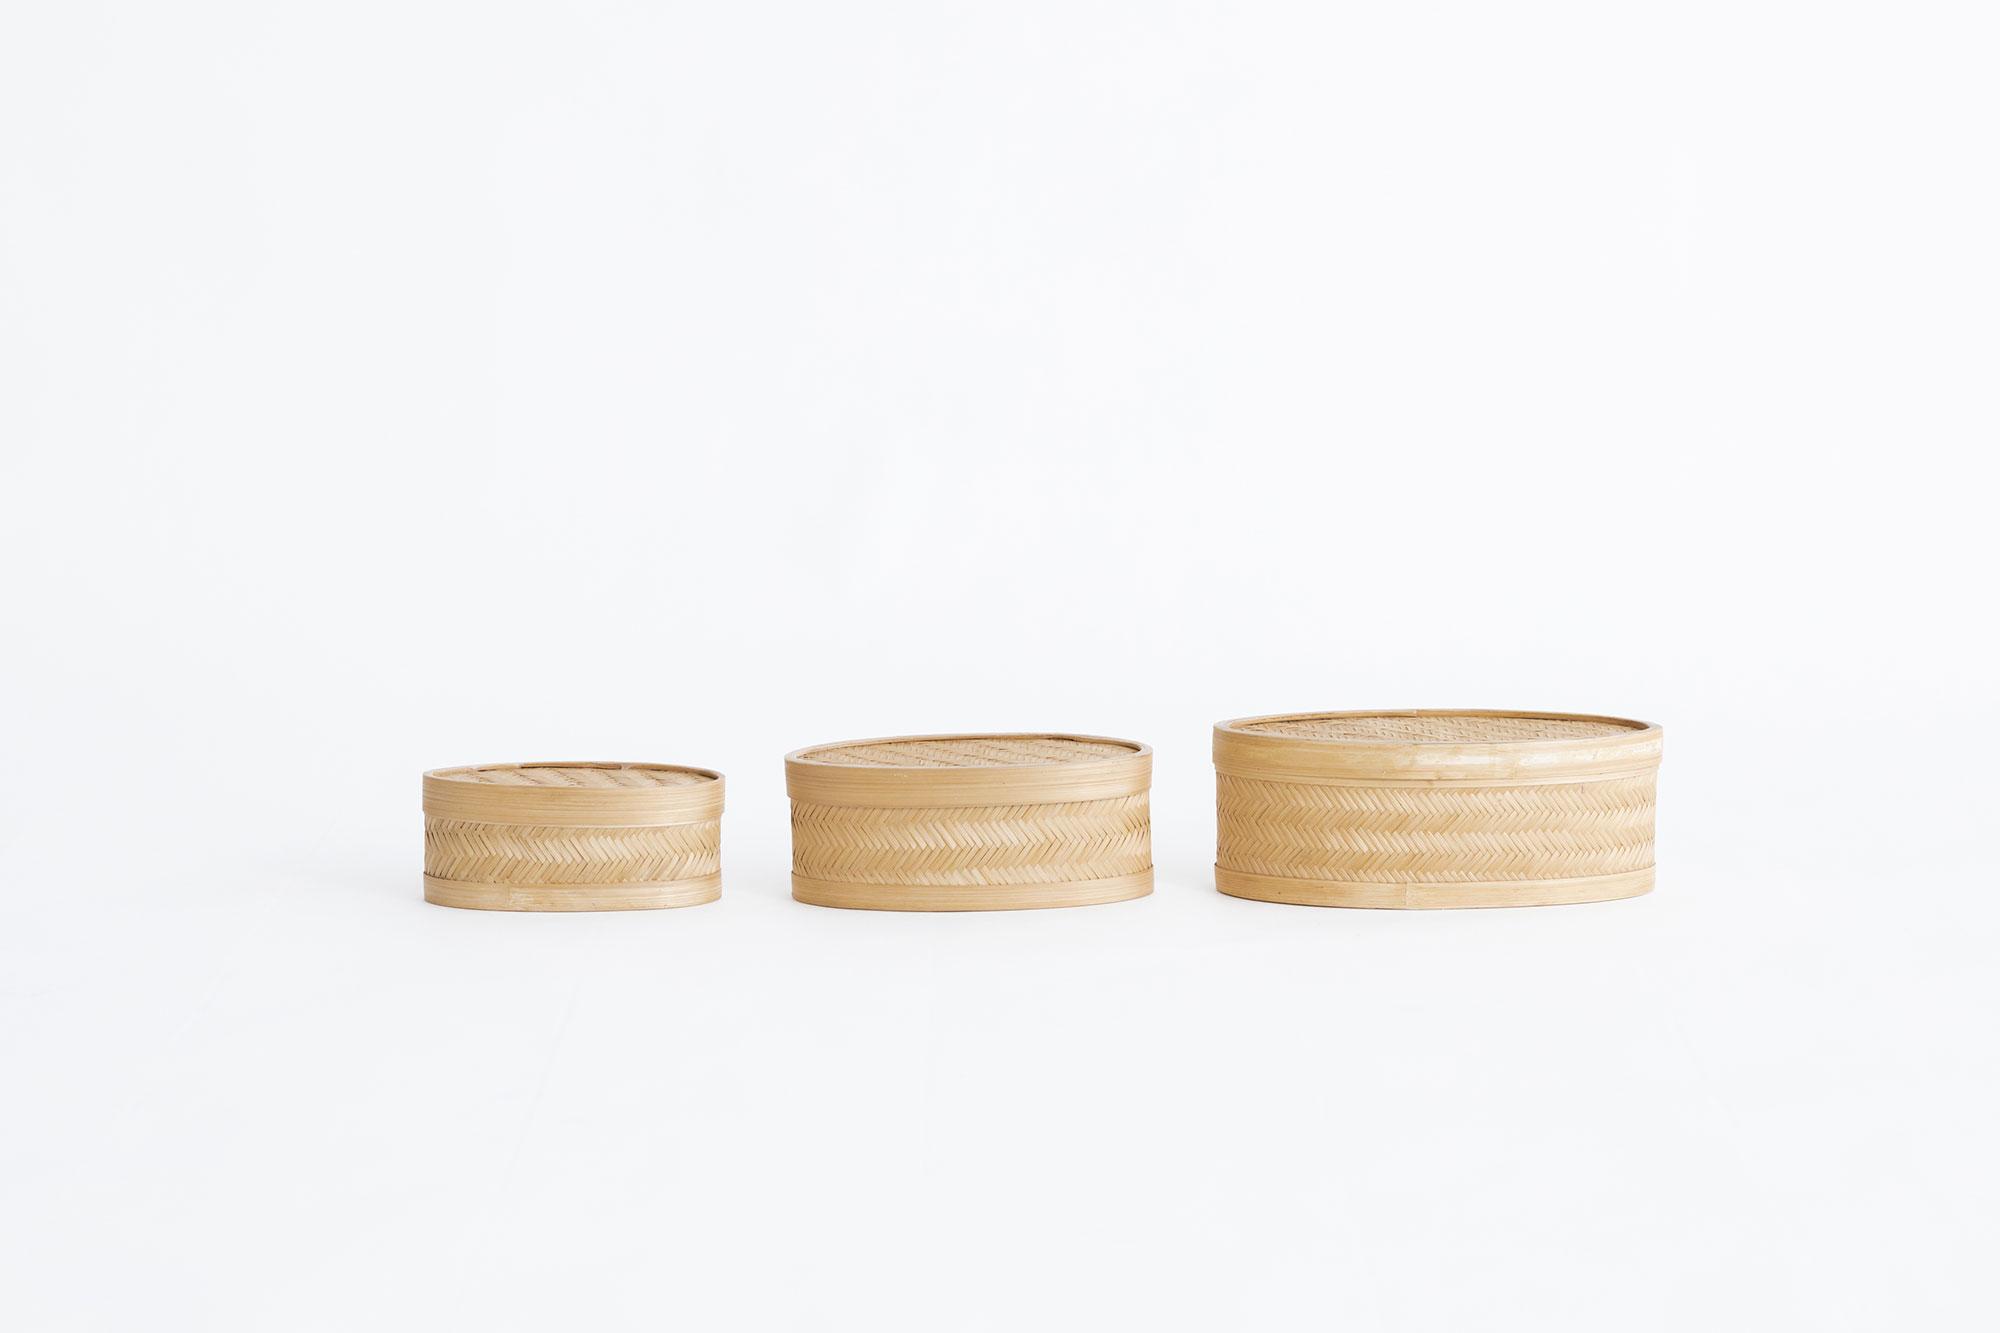 蓋つきオーバルかご 3size set